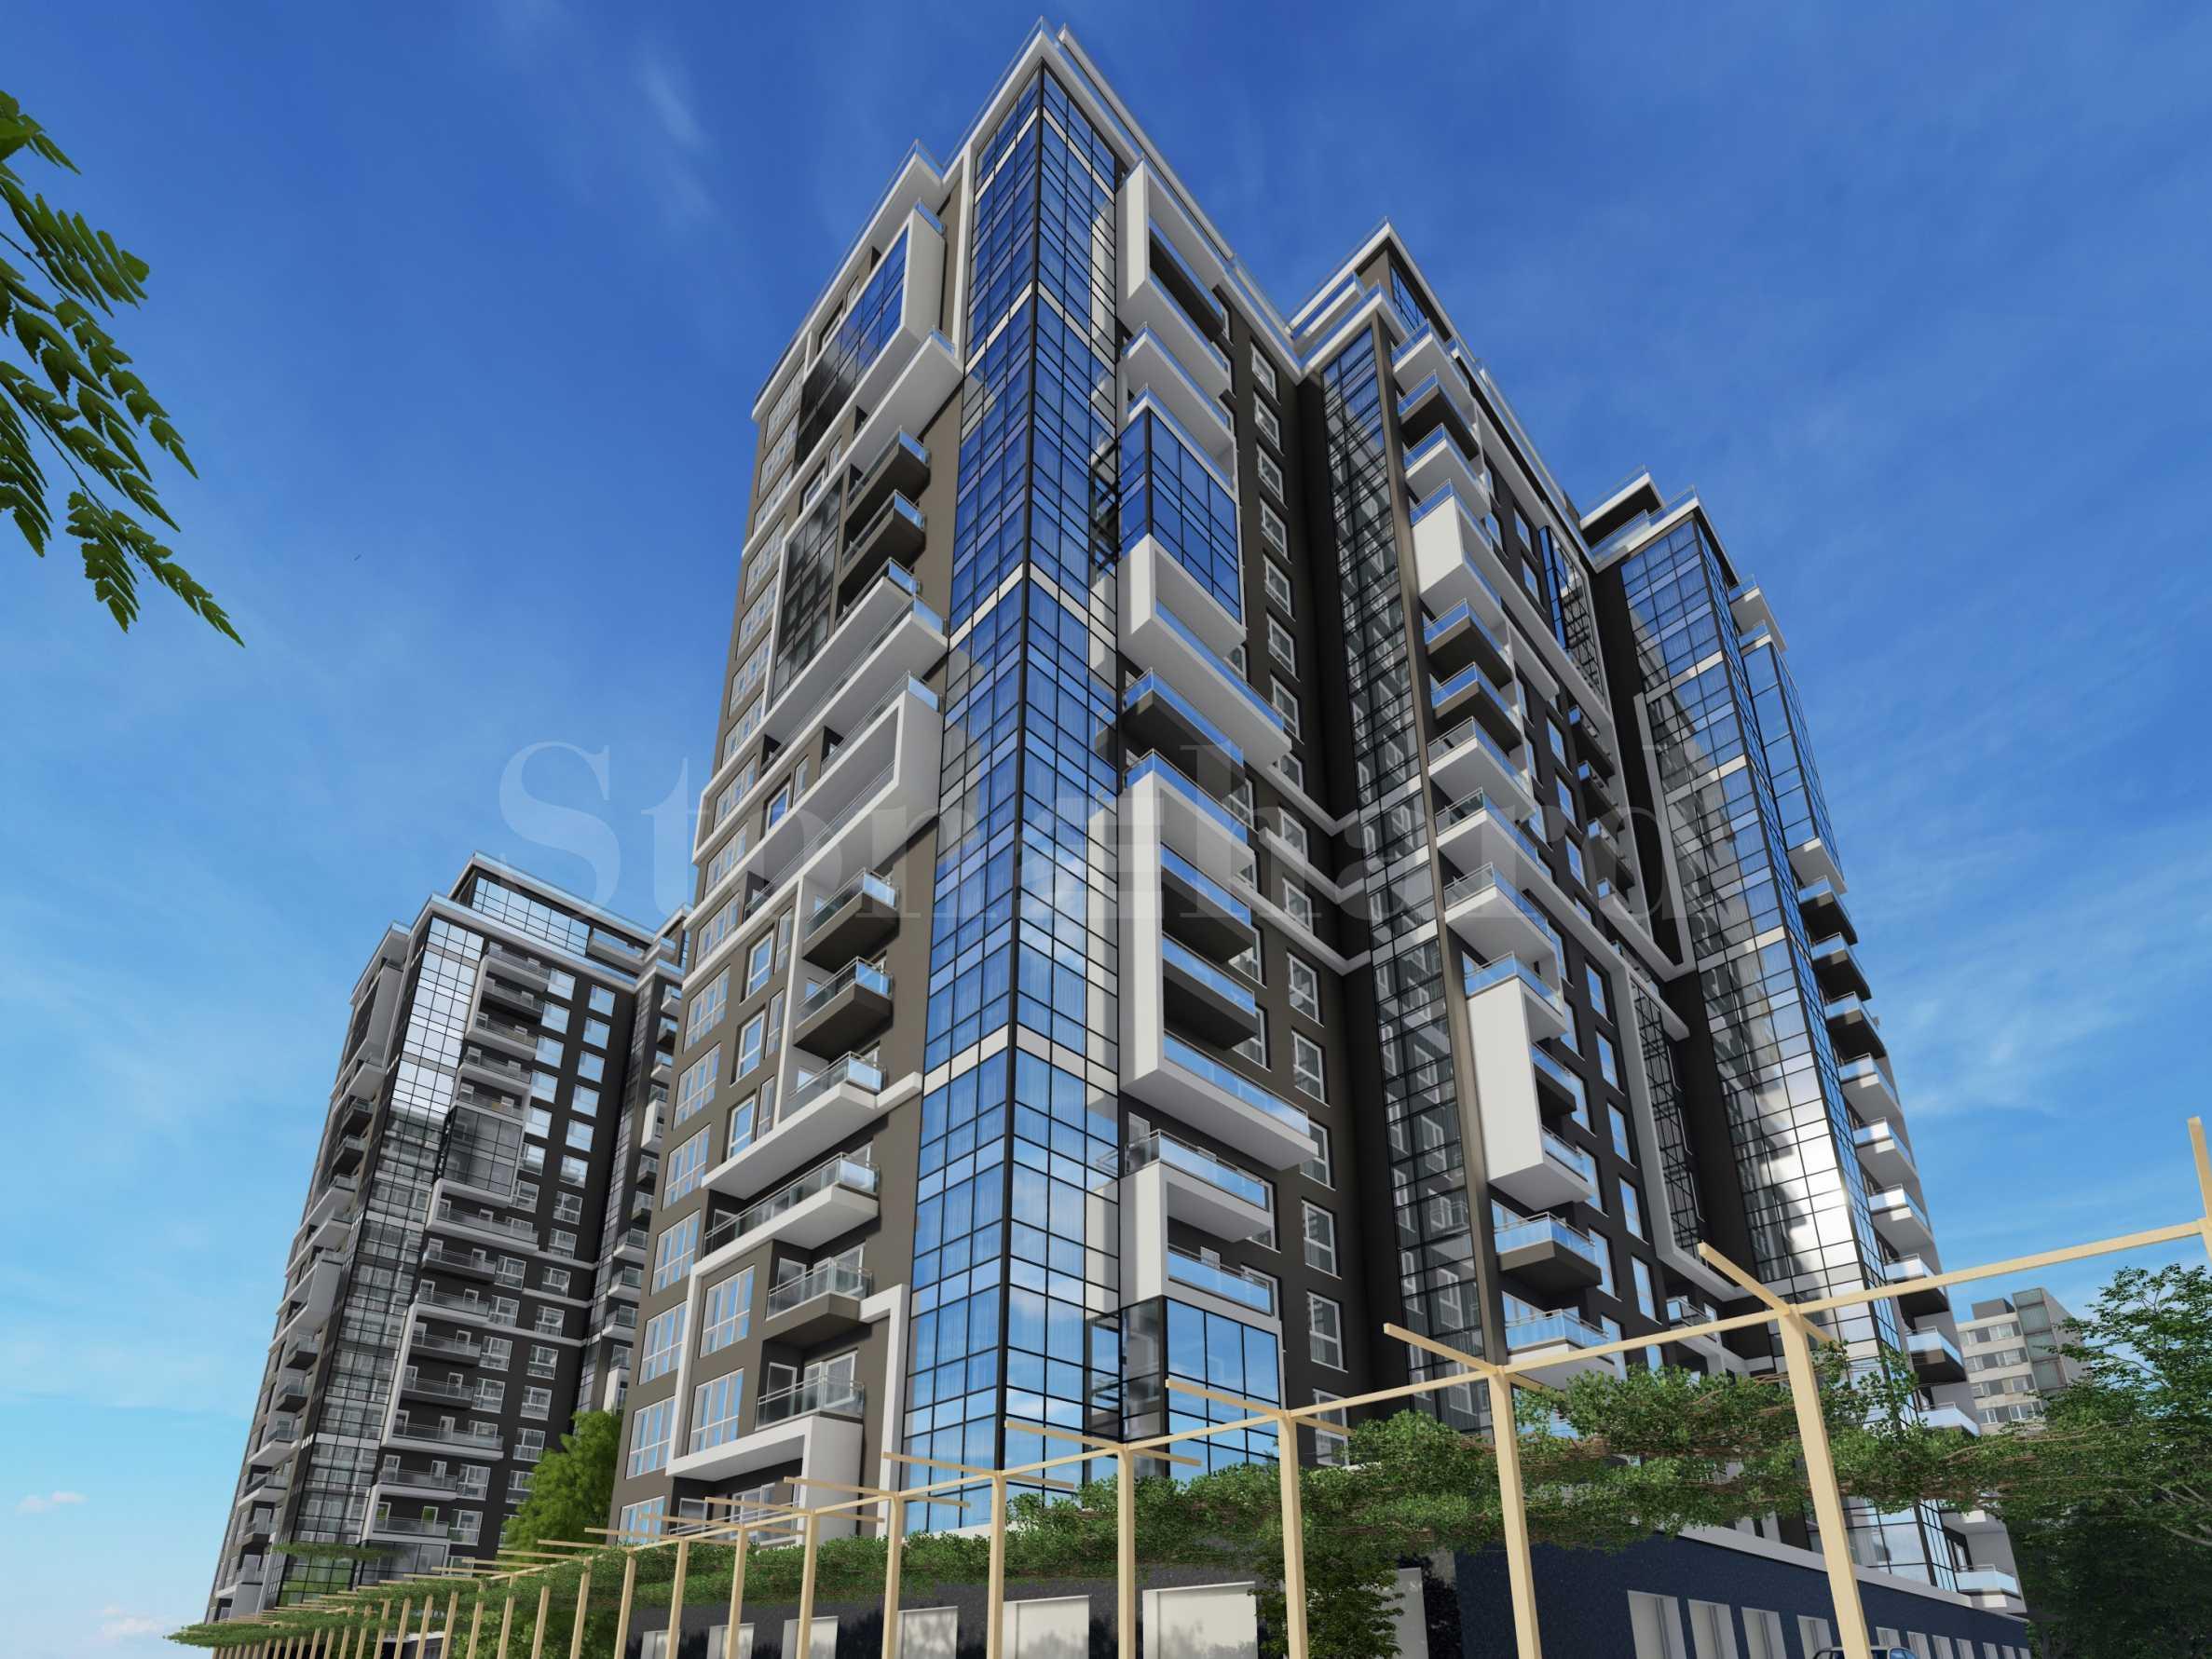 Апартаменти в ефектен комплекс близо до Delta Planet Mall1 - Stonehard